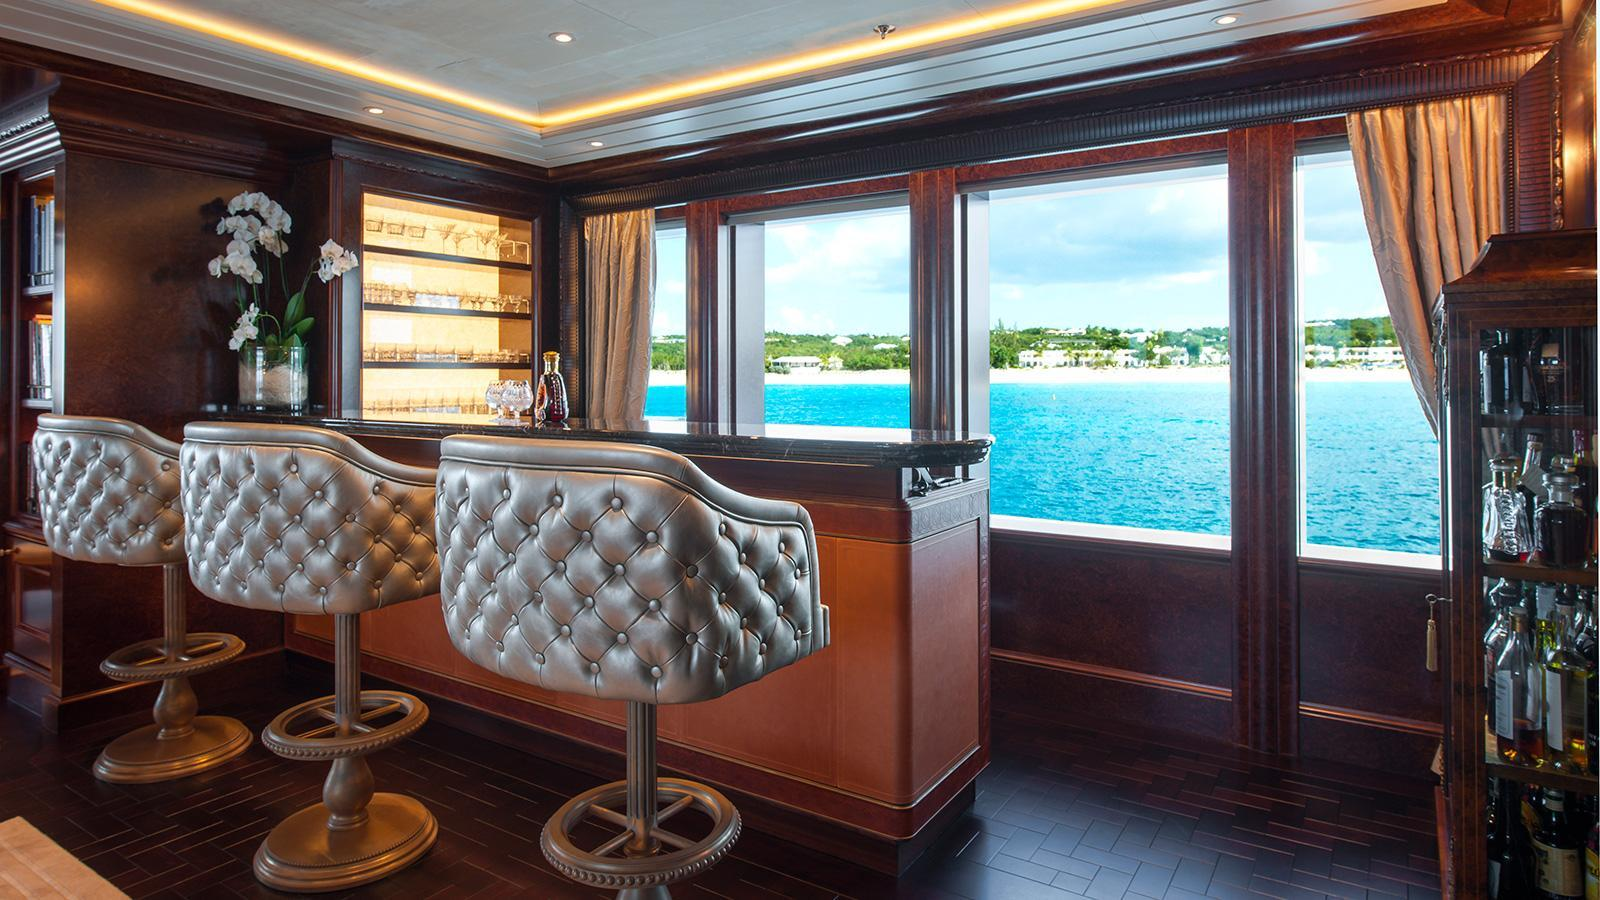 iroquois ester iii motor yacht lurssen 2014 66m bar